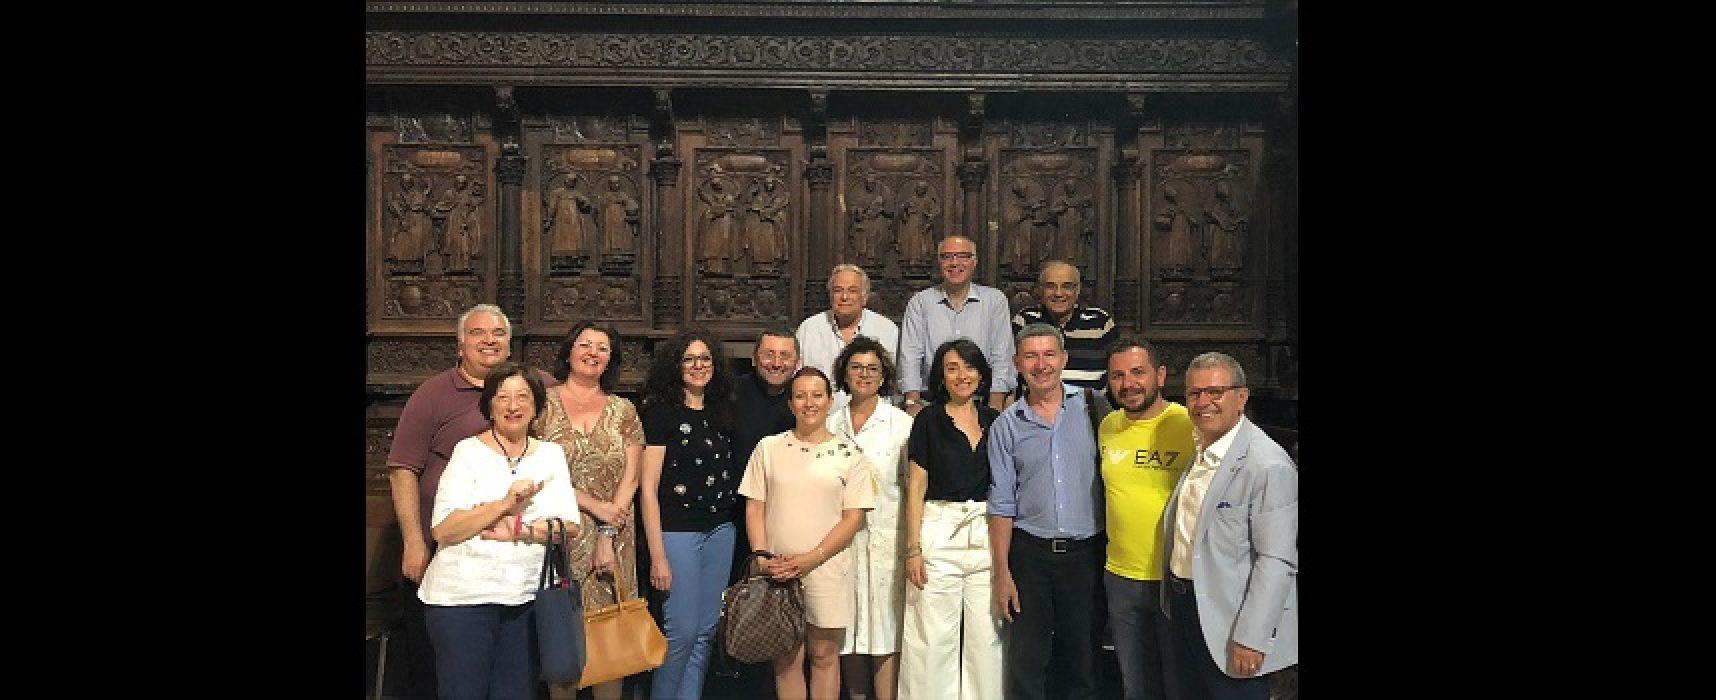 Rotary, avviato il restauro del coro ligneo della Cattedrale